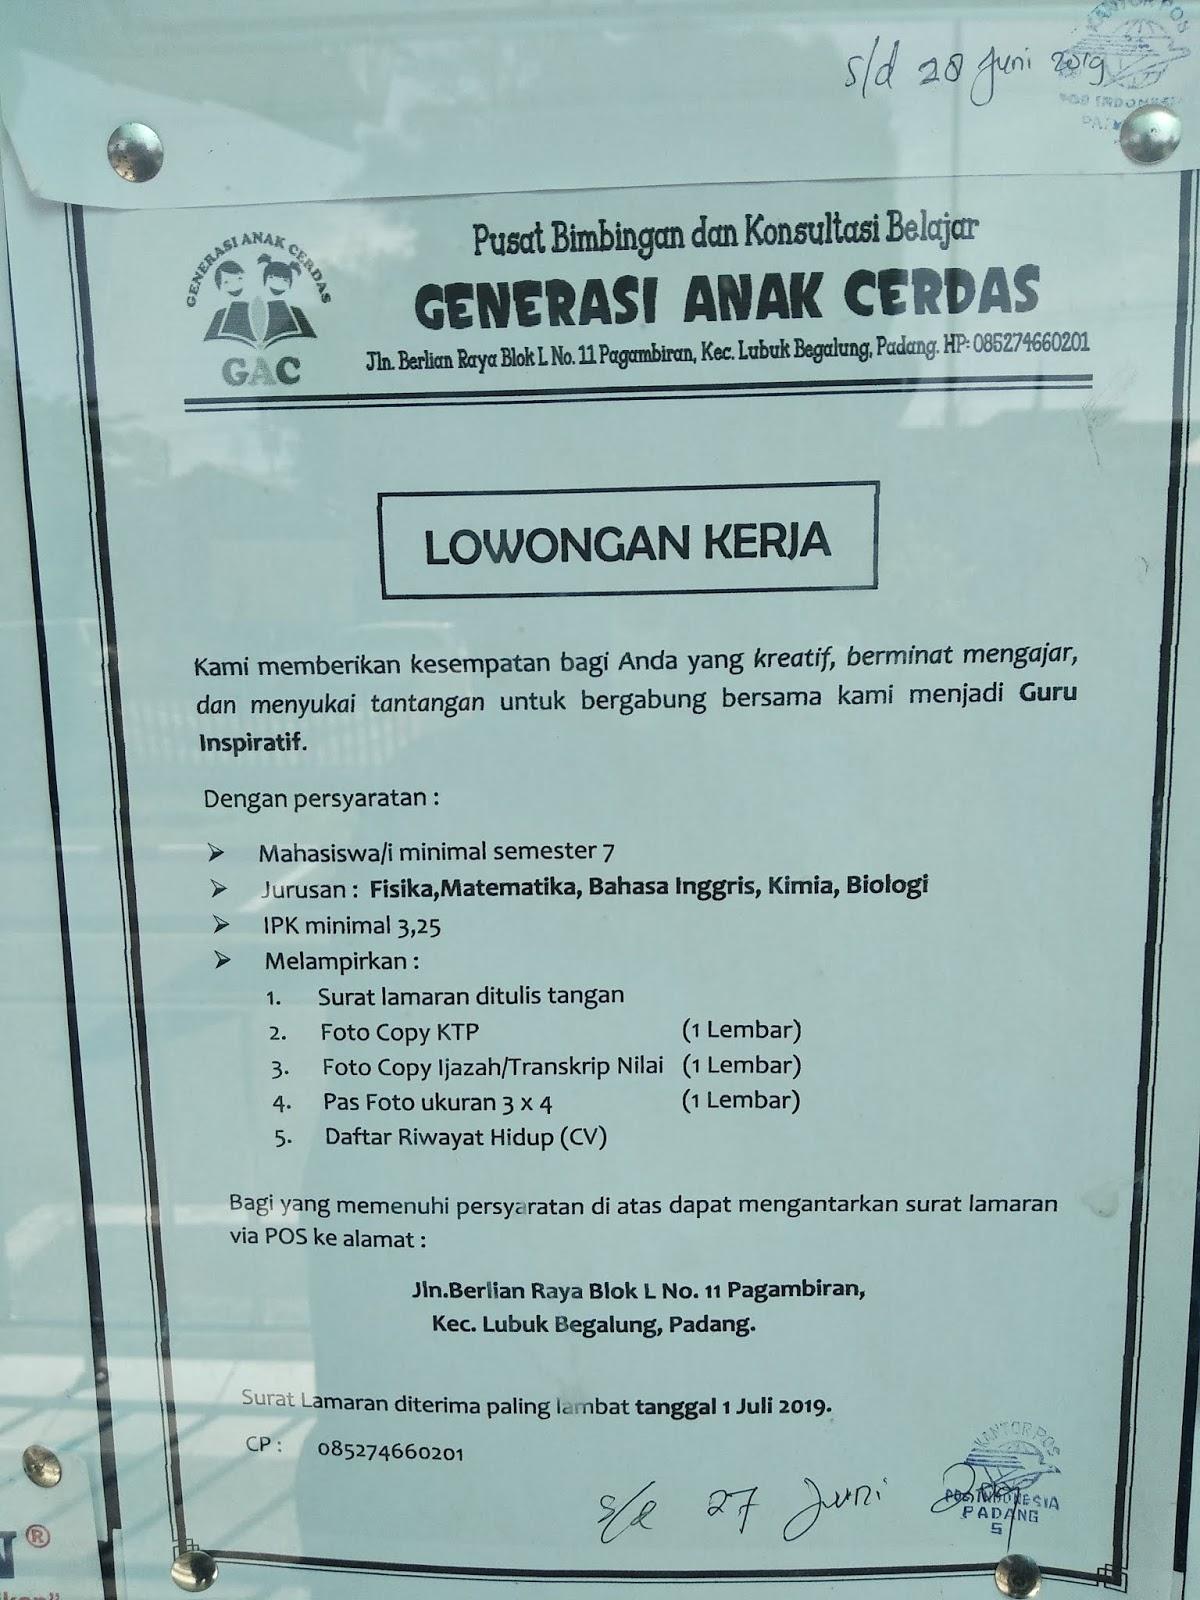 Lowongan Kerja Guru Fisika Matematika Bahasa Inggris Kimia Dan Biologi Di Sumatera Barat Adsanjaya